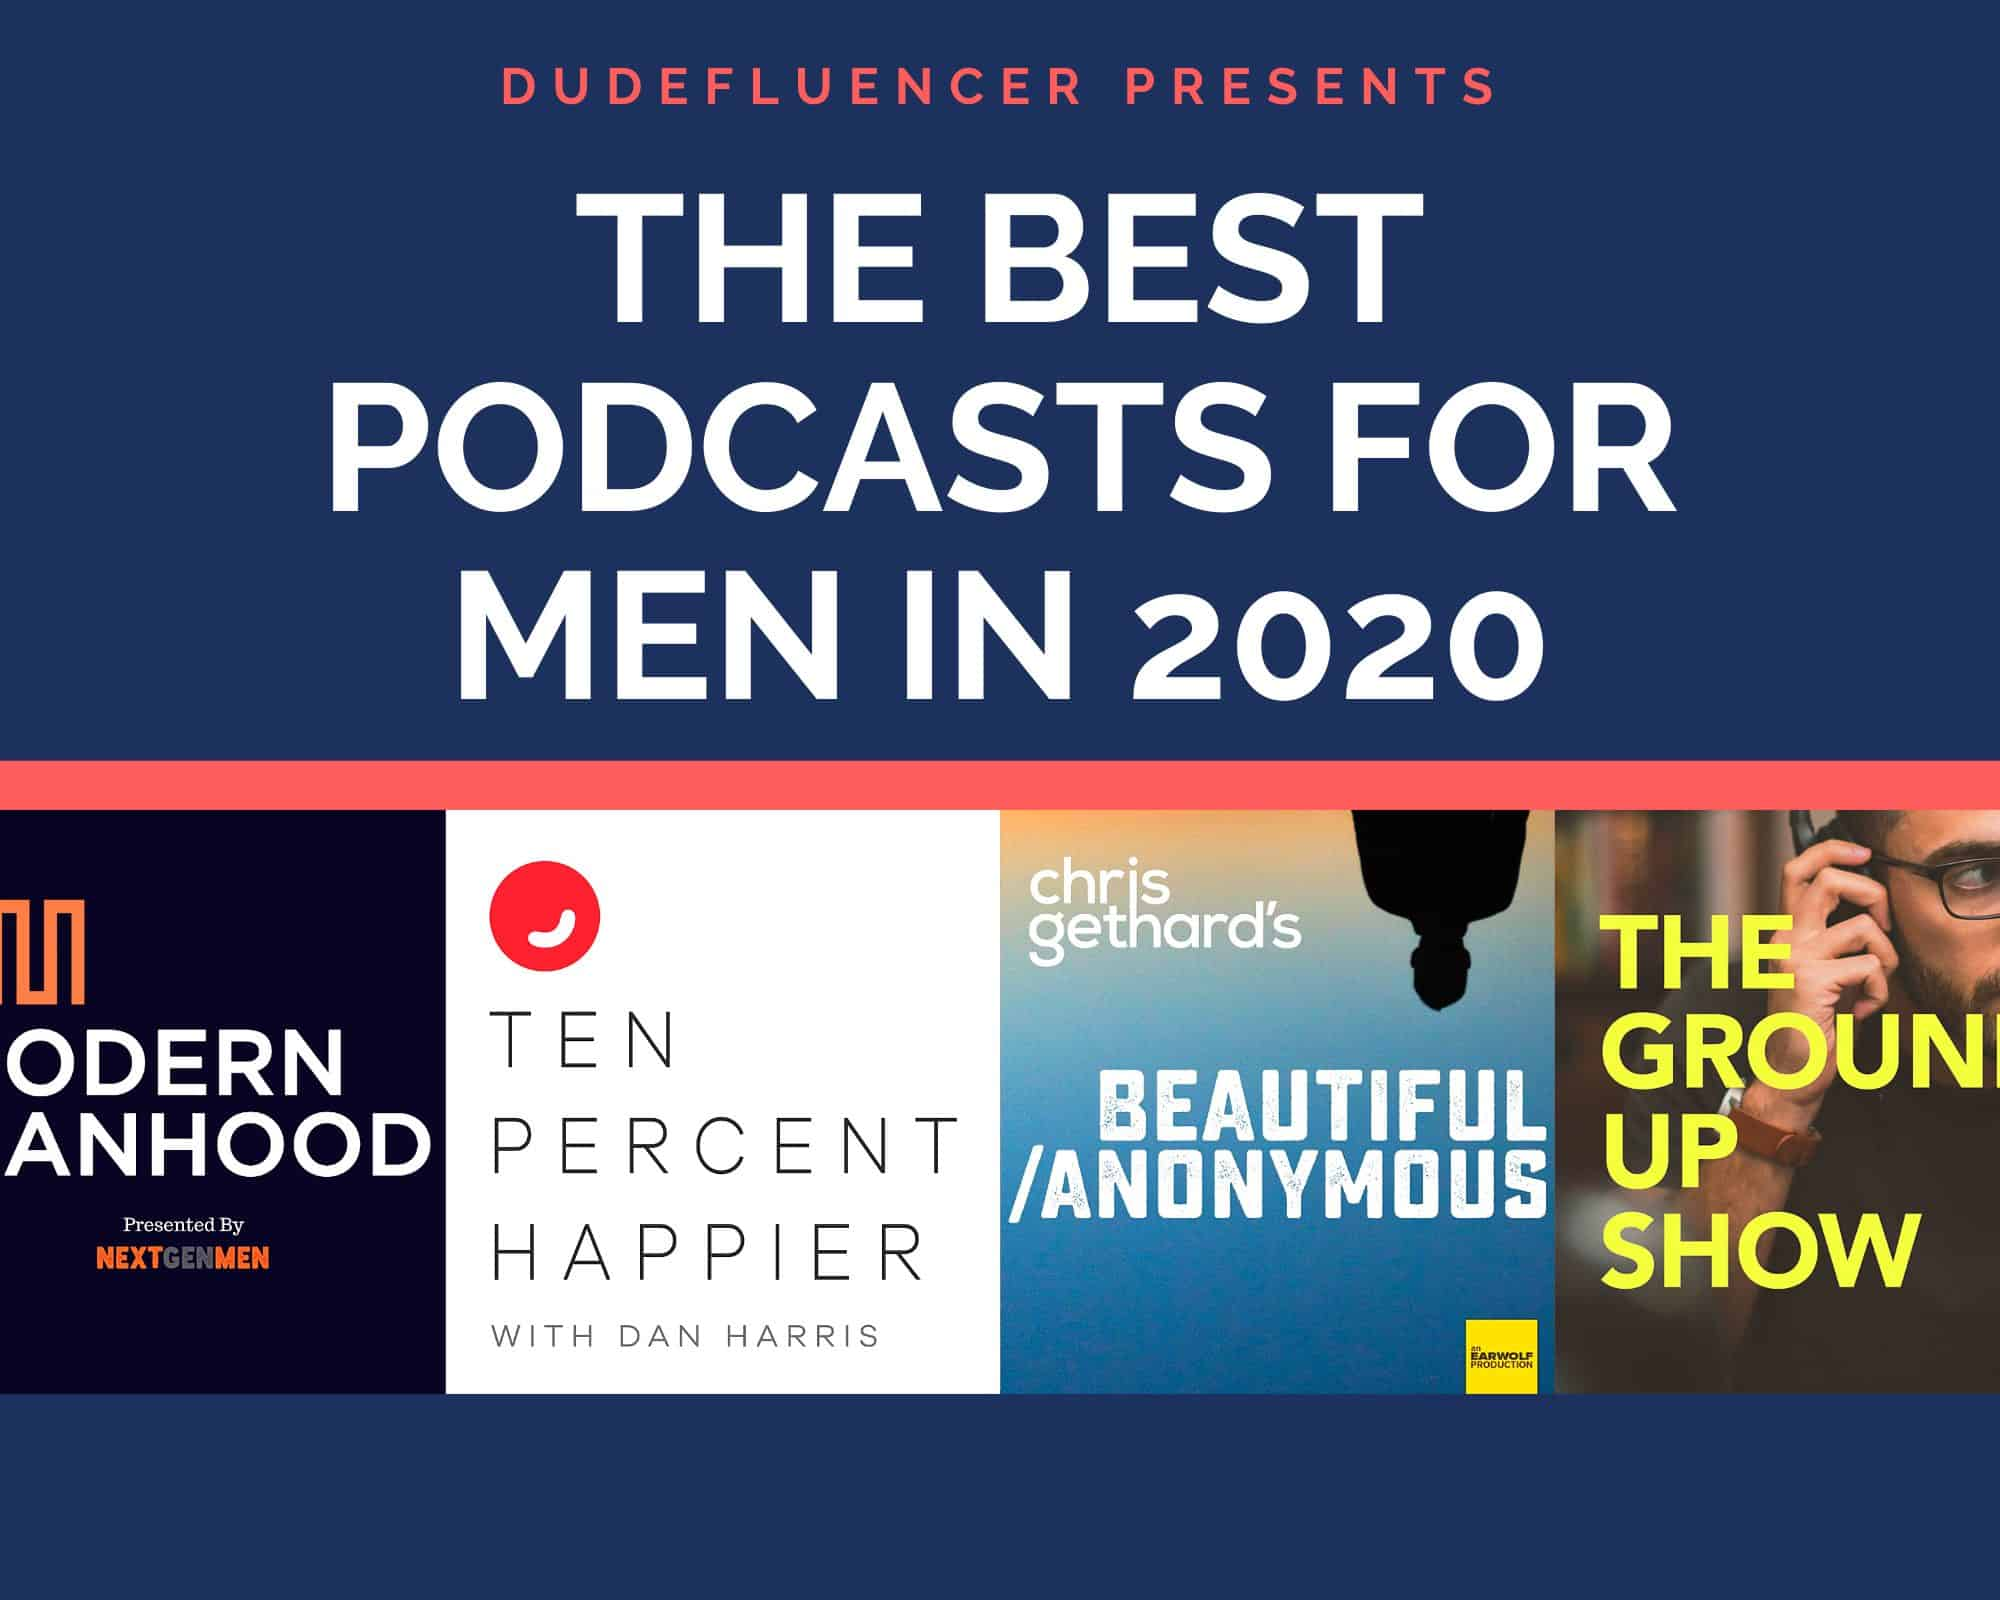 Dudefluencer: The Best Podcasts For Men